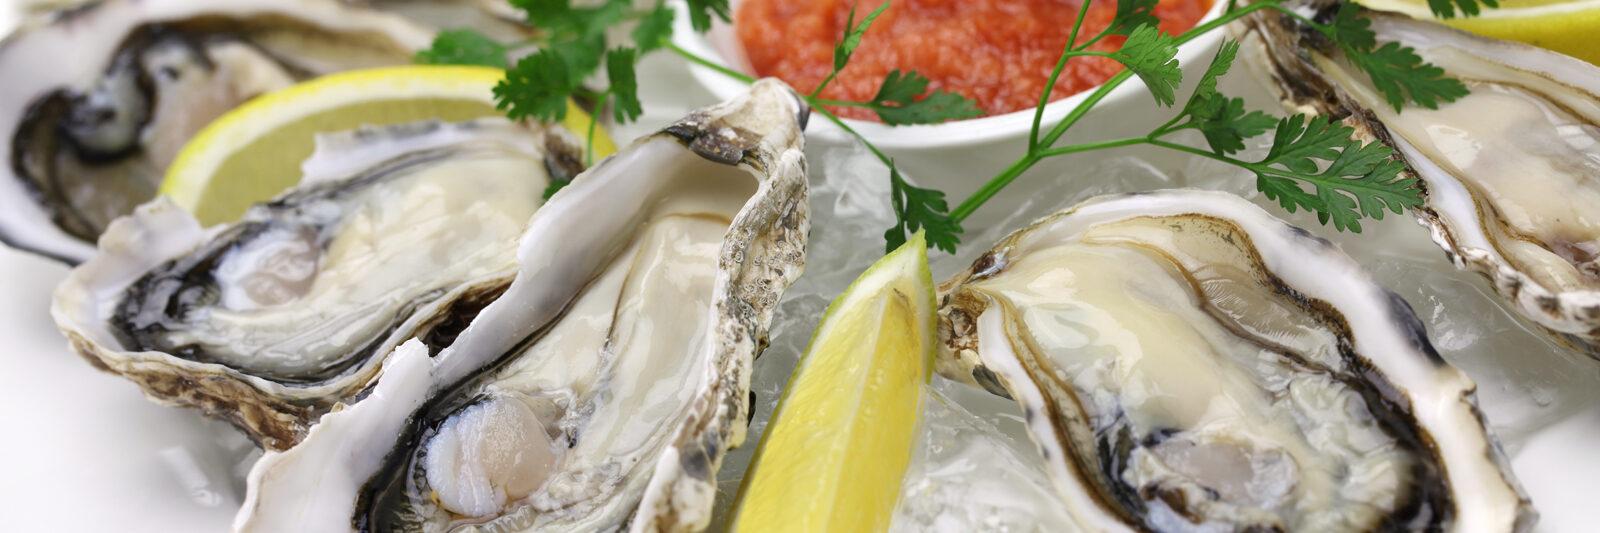 BrasstownValleyResort Header Oysters